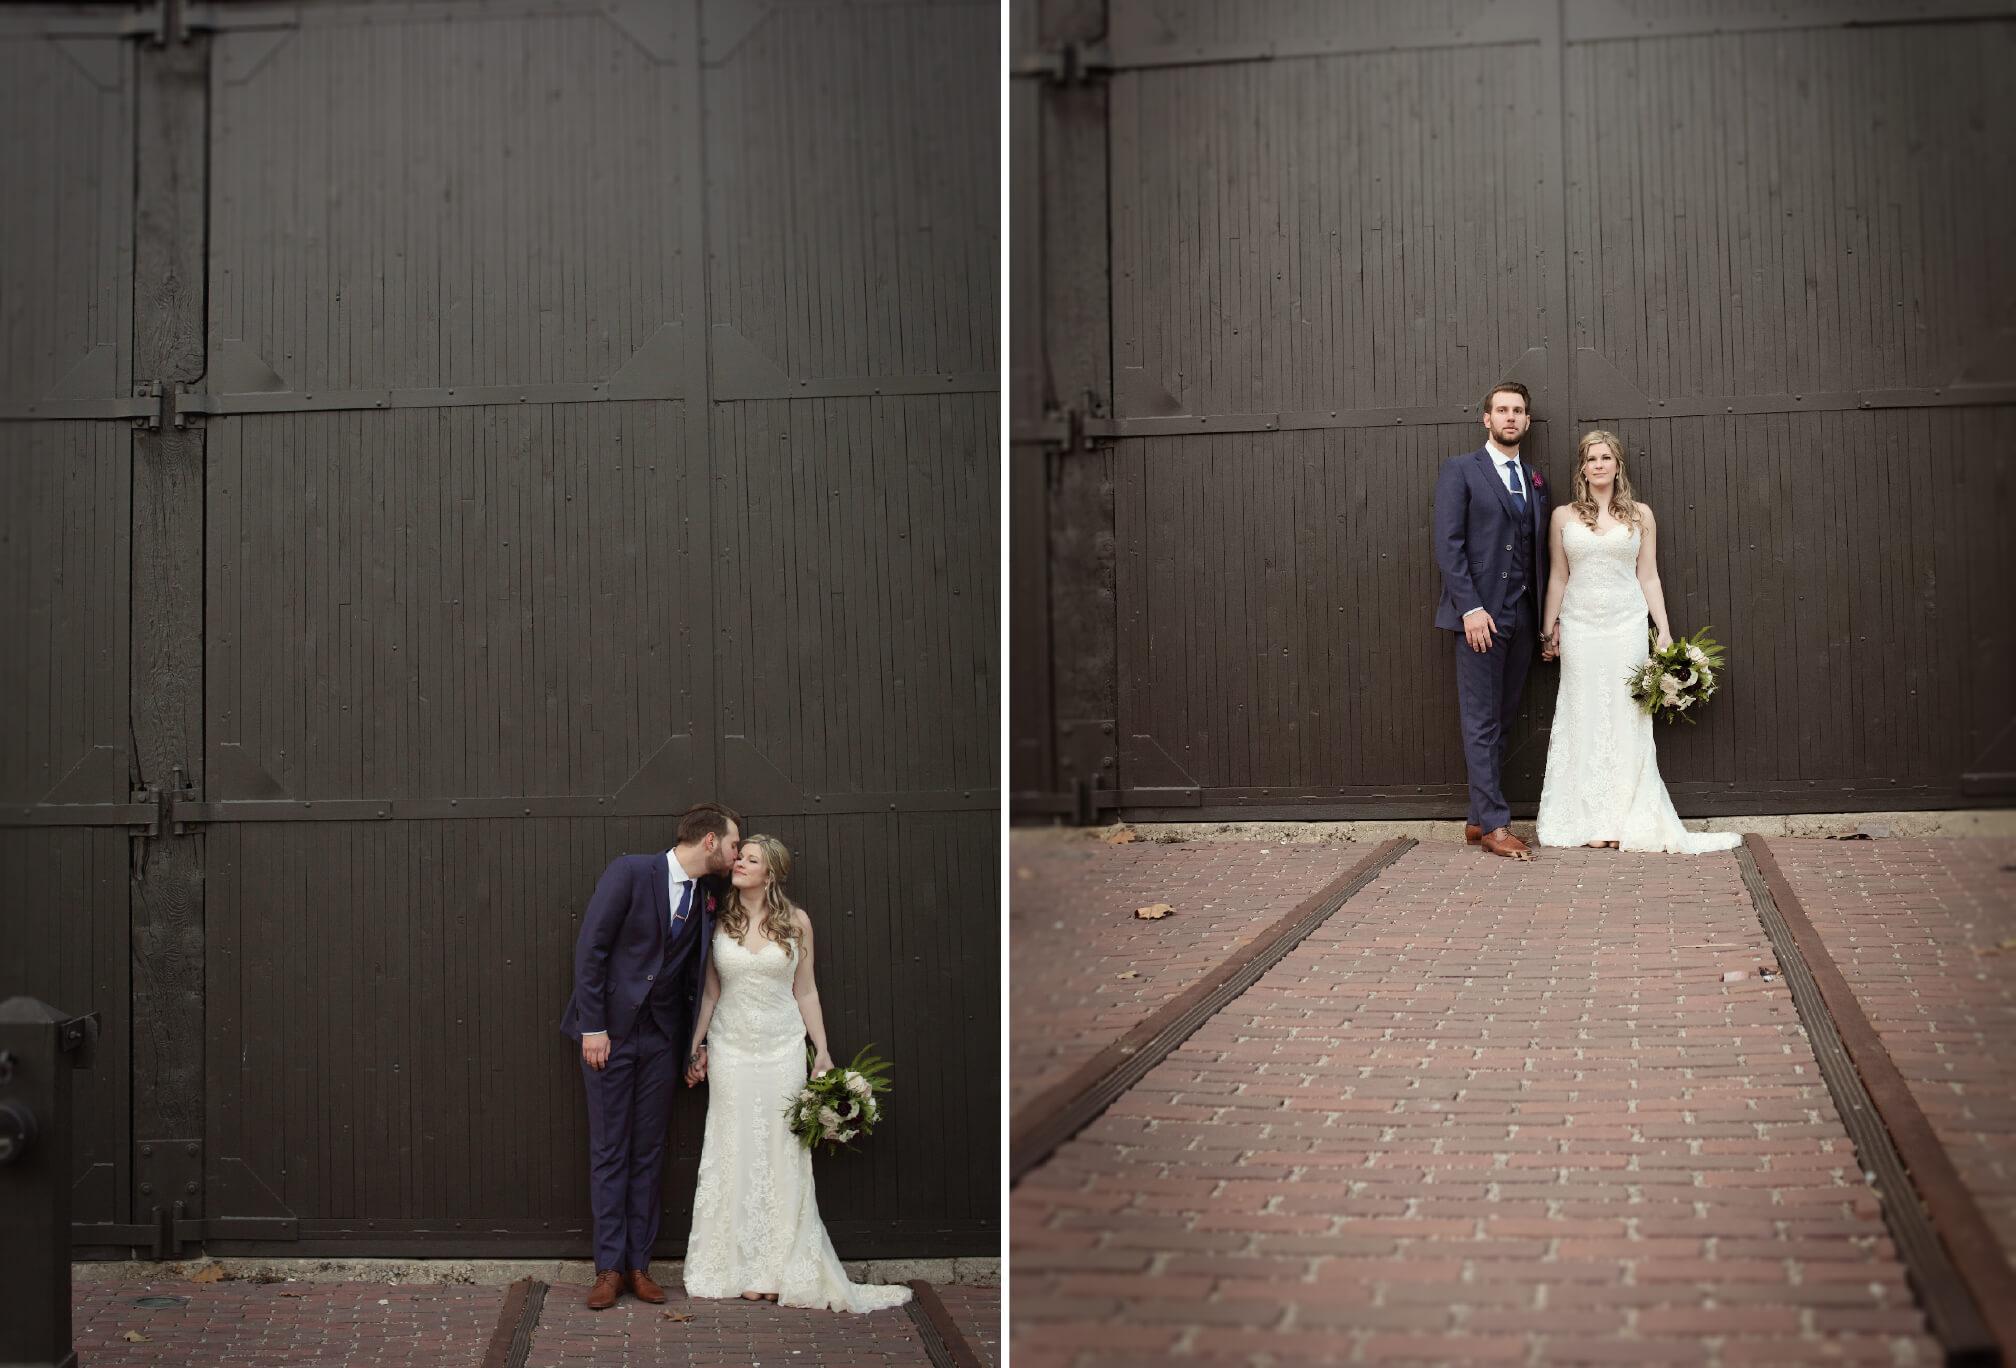 wedding photo ideas steam whistle toronto